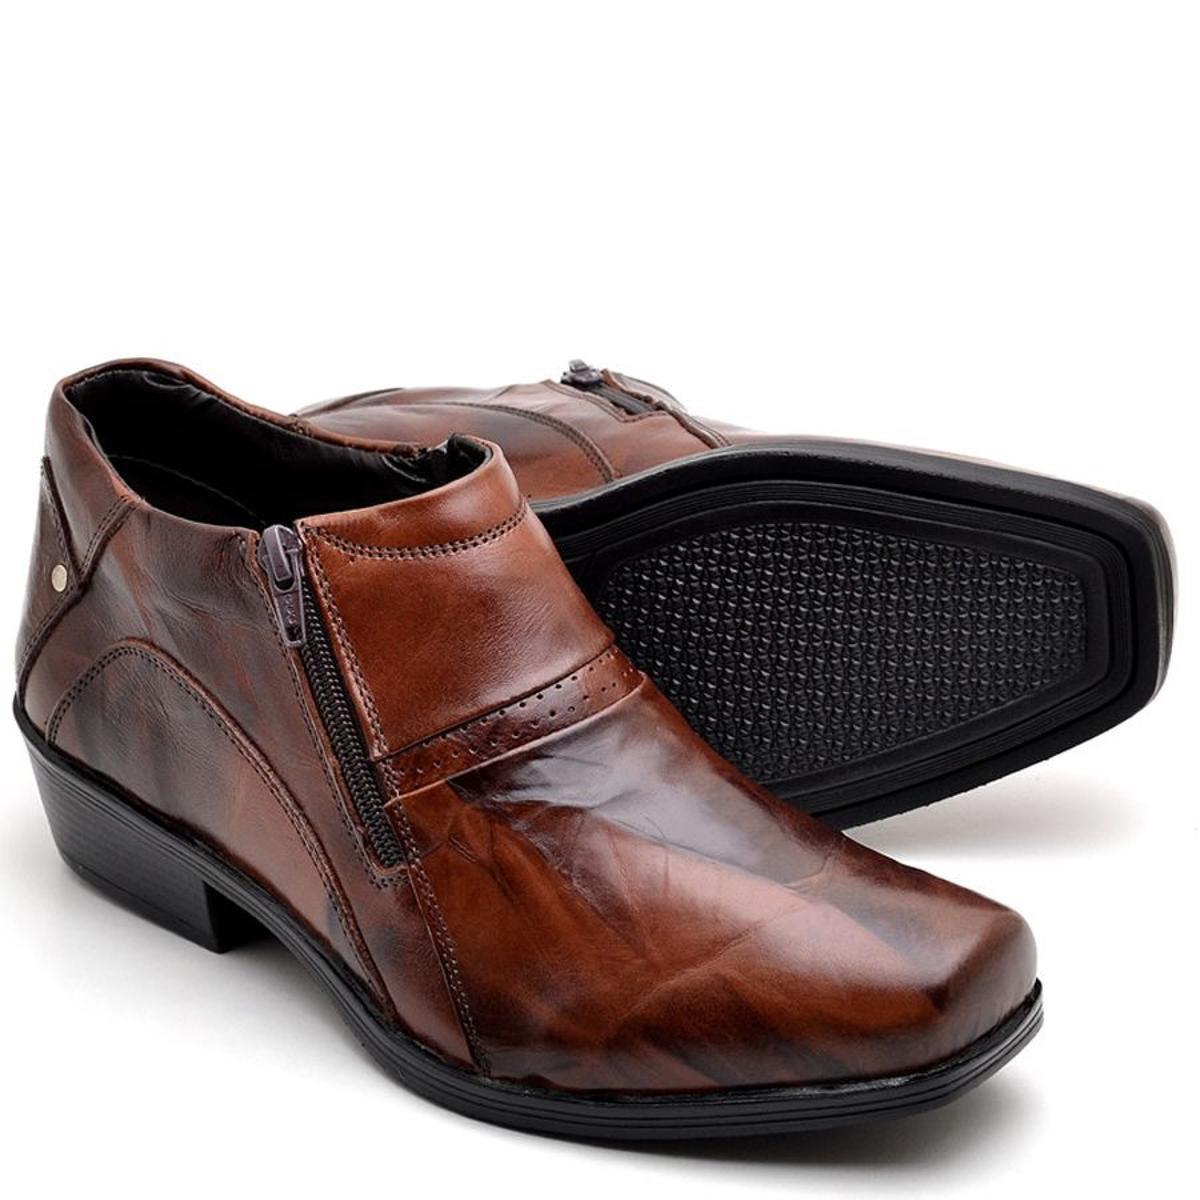 Café Café Bota Franca Top Bota Country Shoes Top Bota Franca Country Shoes wqxTOC1CnZ